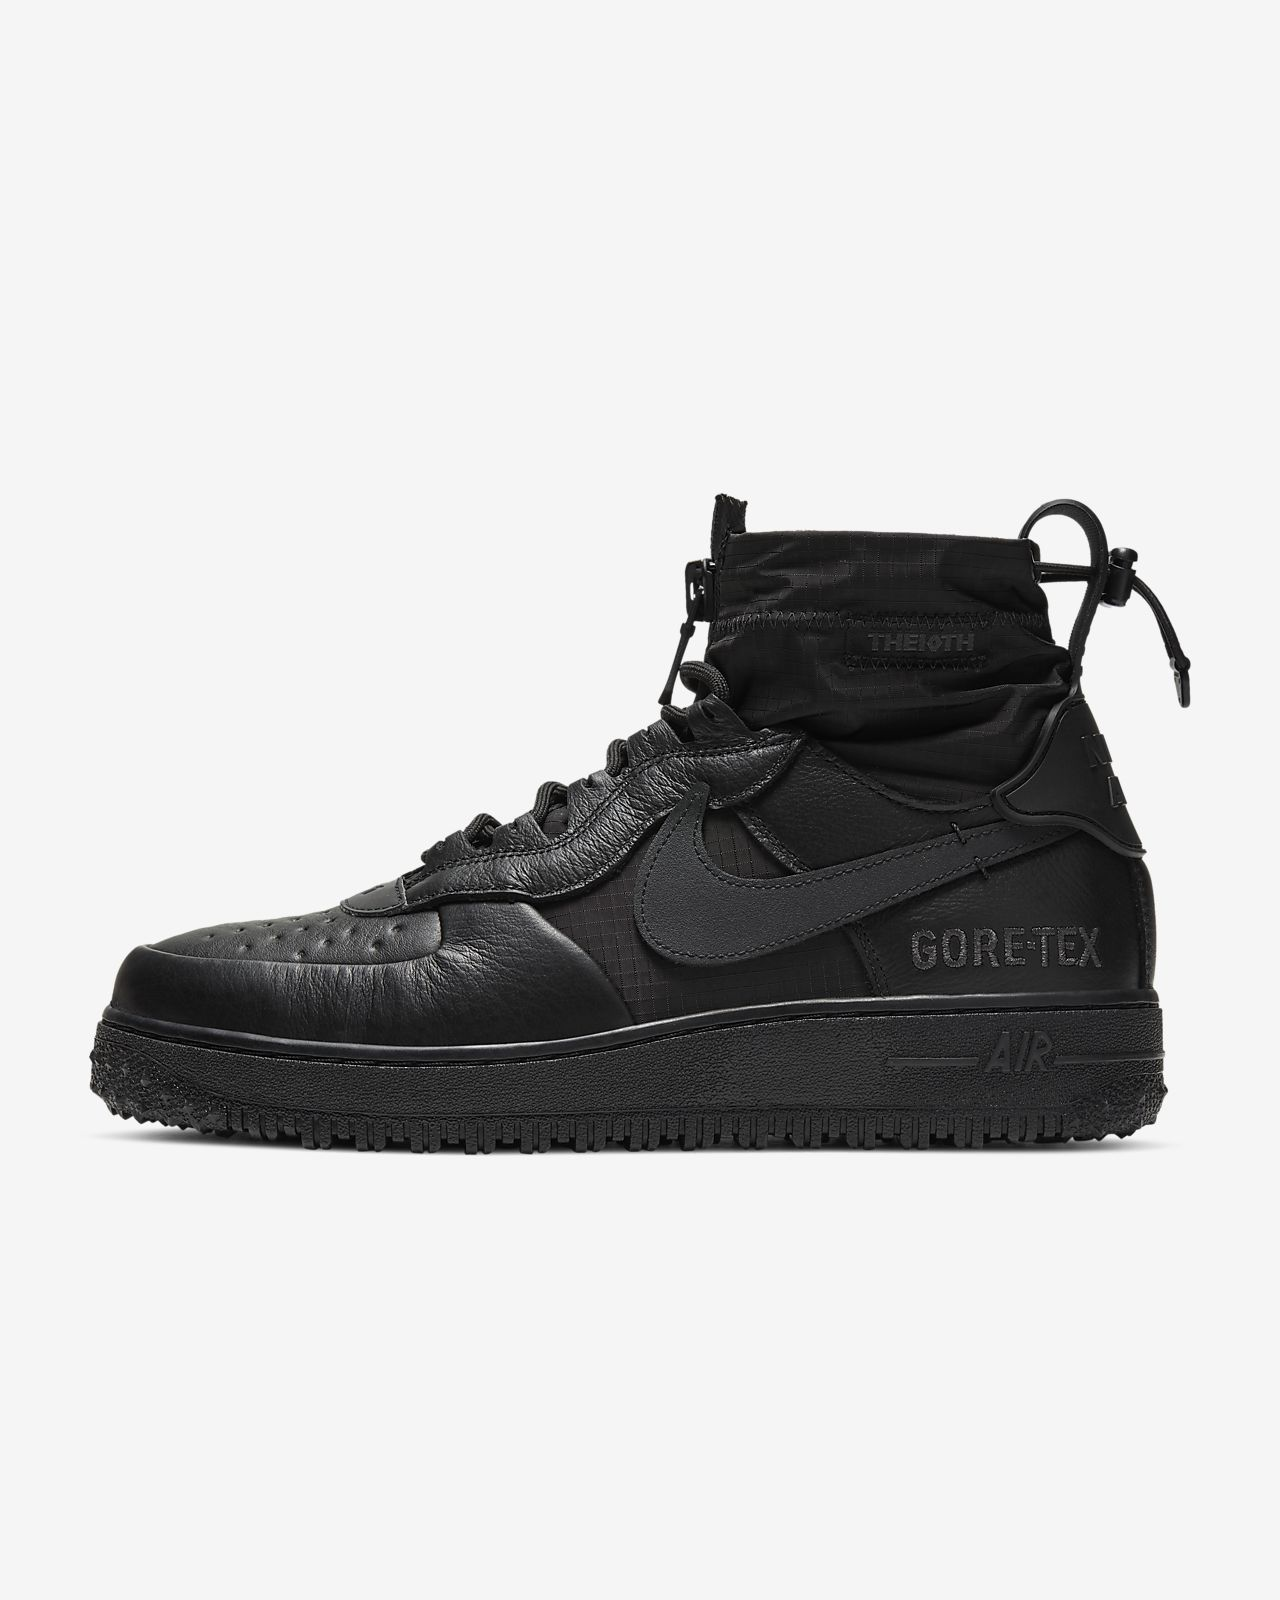 Nike Air Force 1 Winter GORE TEX Botas